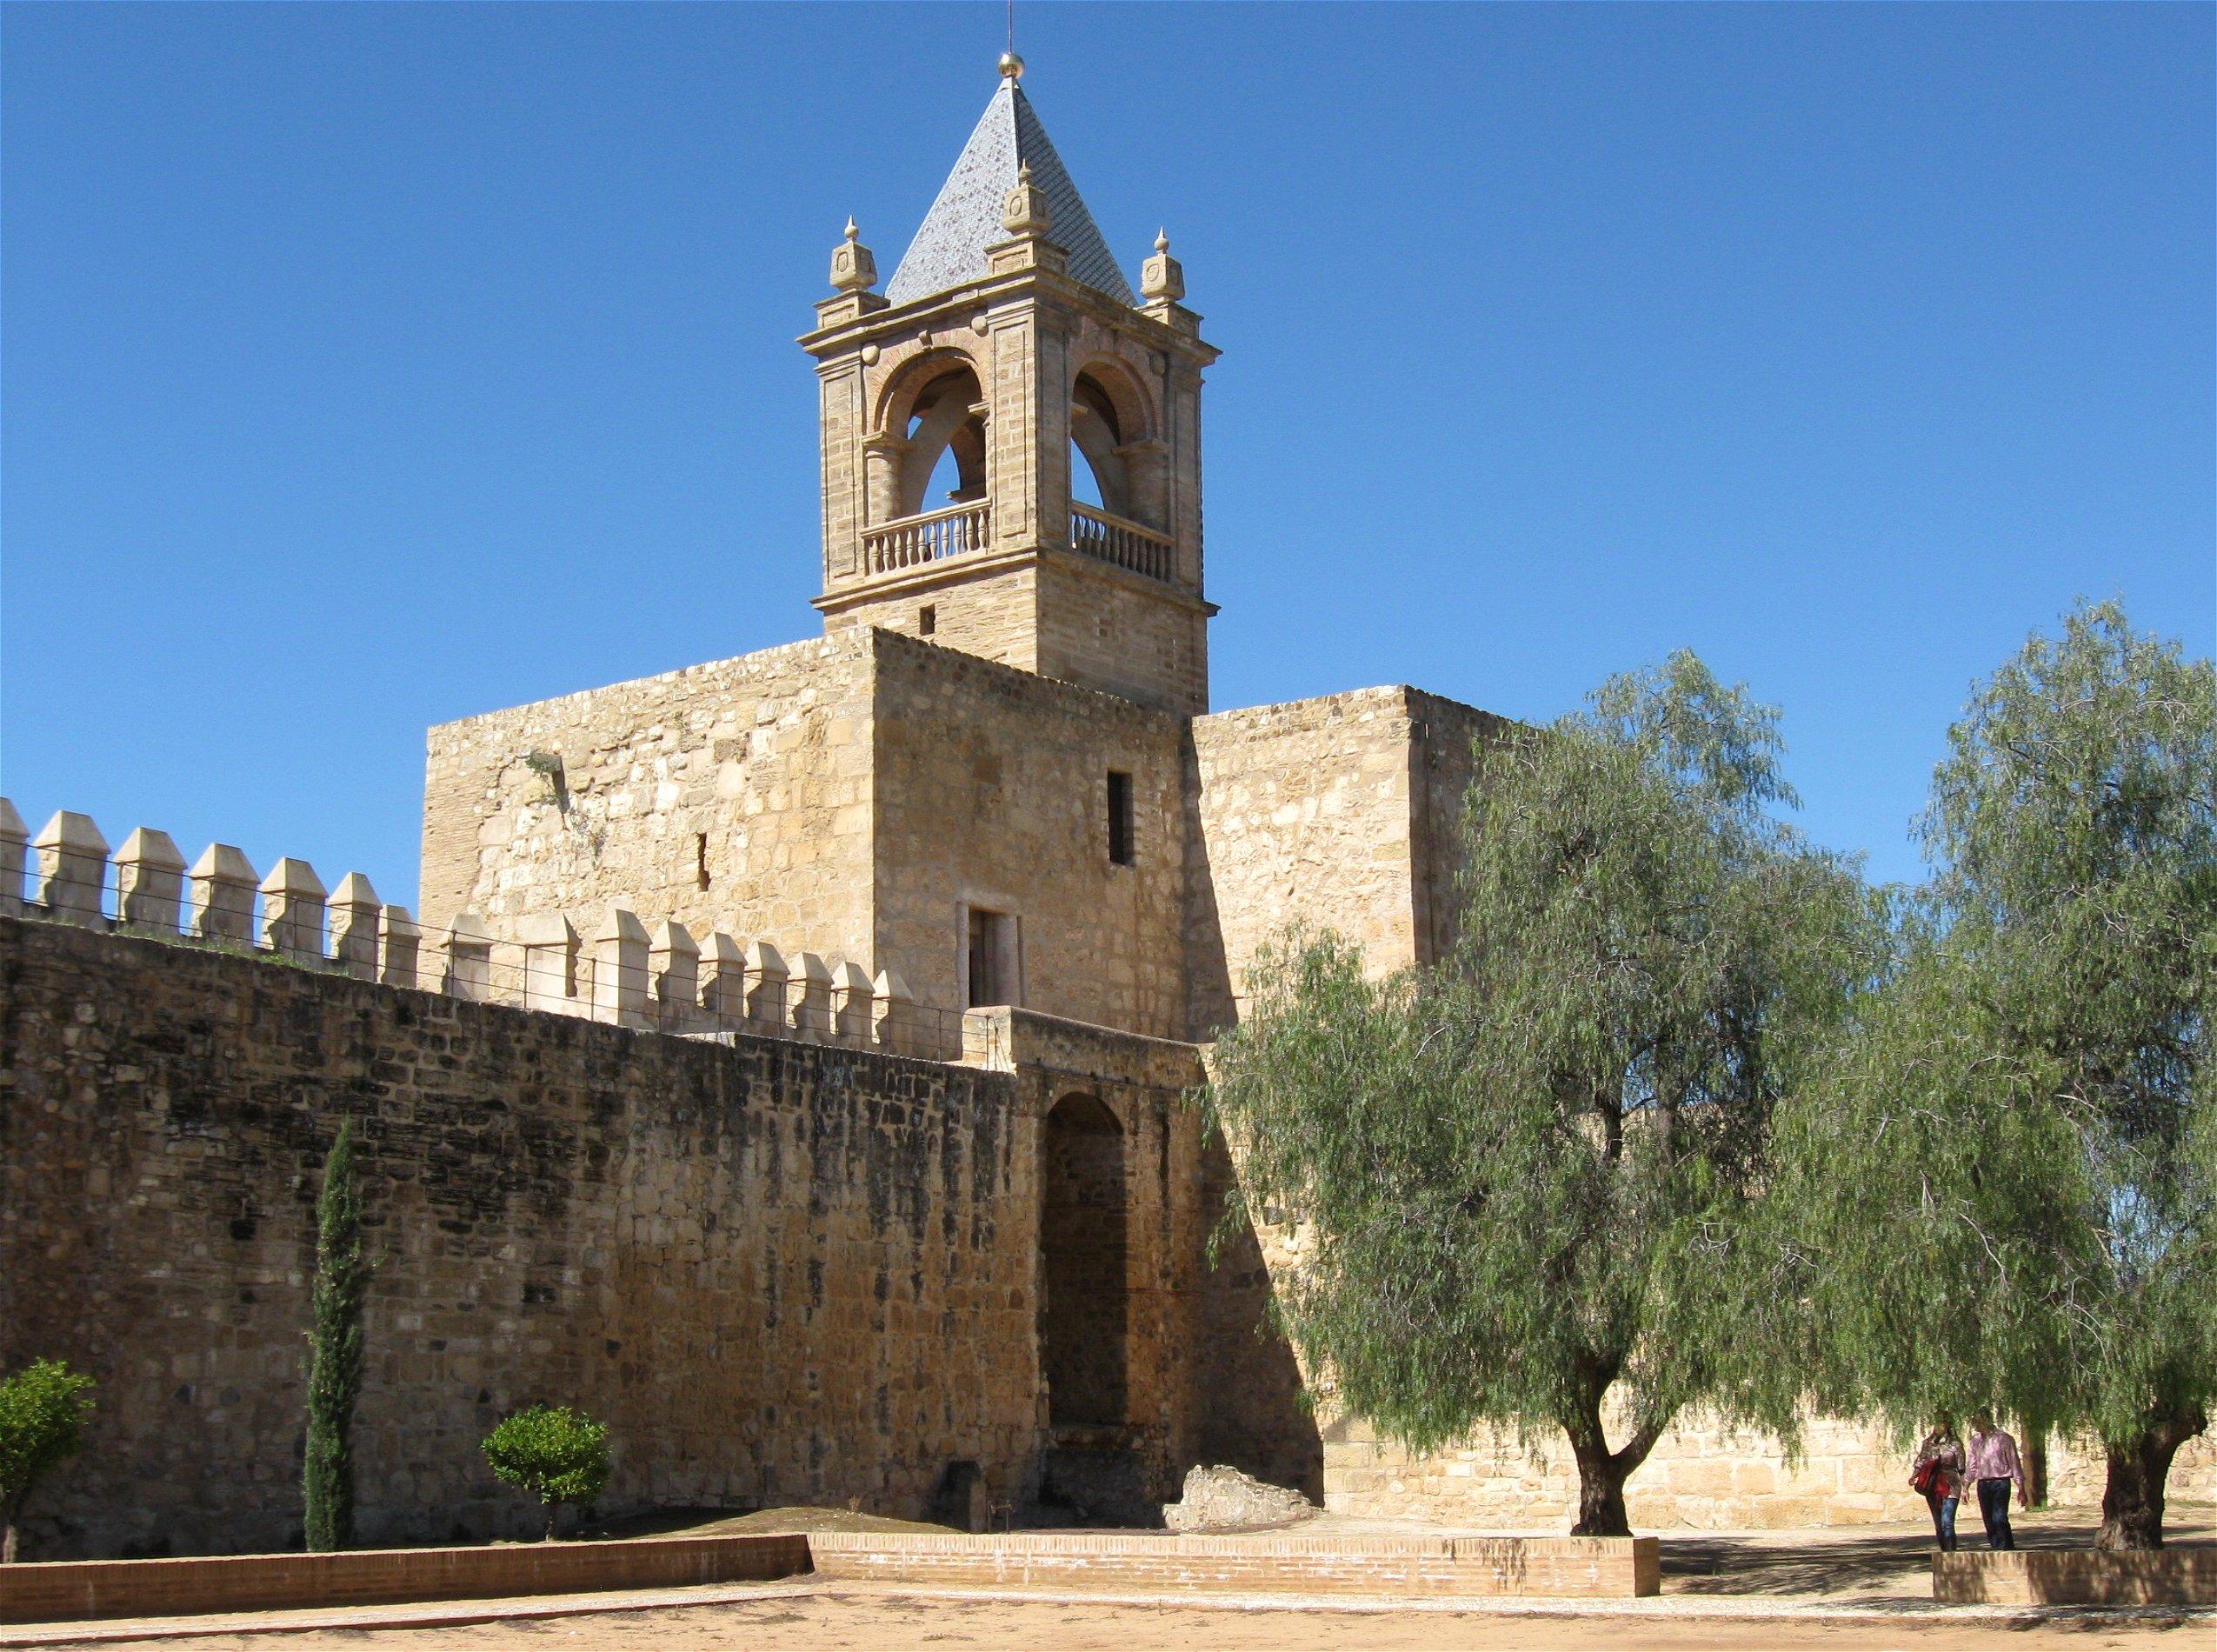 File:Alcazaba de Antequera Malaga-1.jpg